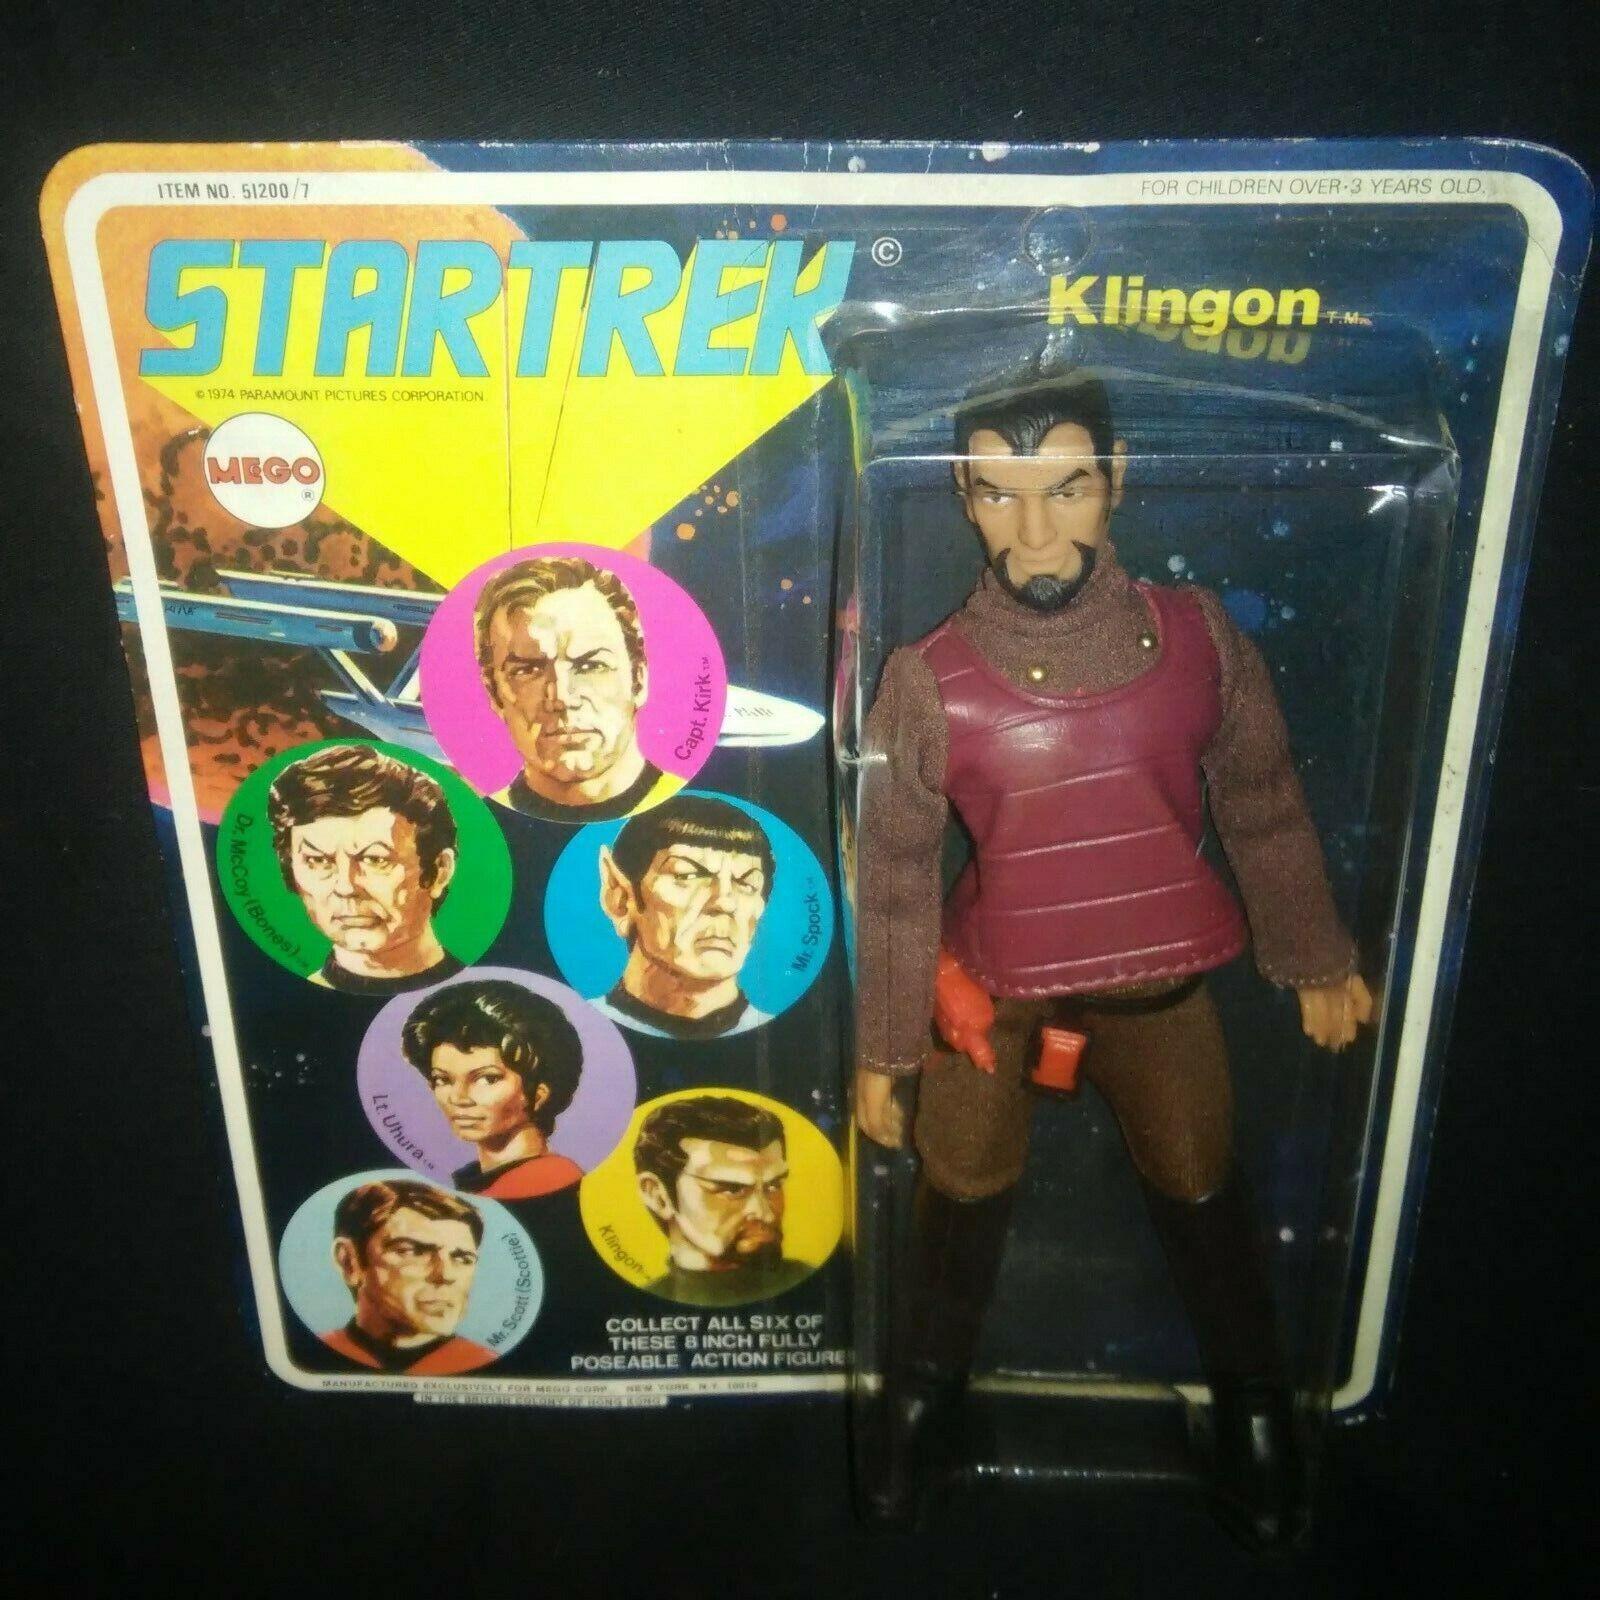 1974 KLINGON - Vintage 8  MEGO Star Trek Toy Action Figure on Unpunched Card